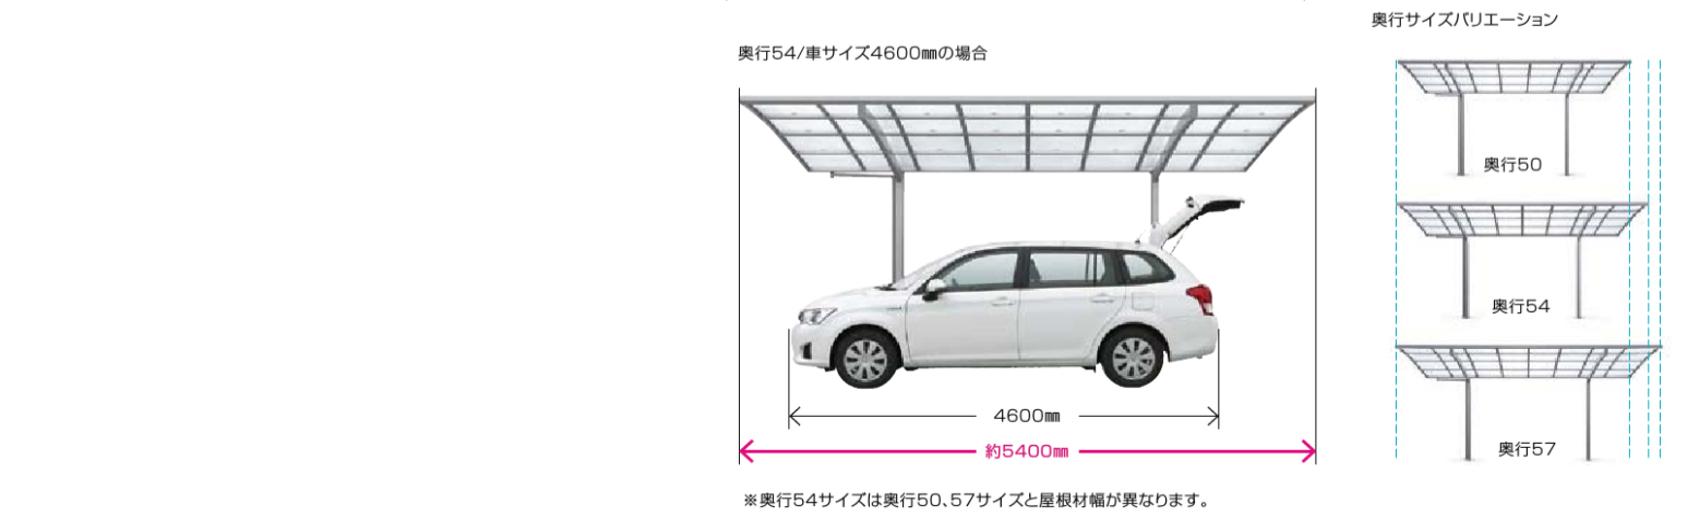 奥行54も新設定。さらに豊富なサイズバリエーション。 奥行50、57のサイズに加えて、一般的な駐車スペースに合わせた奥行54を新たに設定。敷地への対応力を高めています。例えば、奥行54の場合、大型車にはジャストサイズ。小型車には雨の日などの荷物の積み降ろしに便利な空間が生まれます。 奥行54/車サイズ4600mmの場合 ※奥行54サイズは奥行50、57サイズと屋根材幅が異なります。 奥行サイズバリエーション